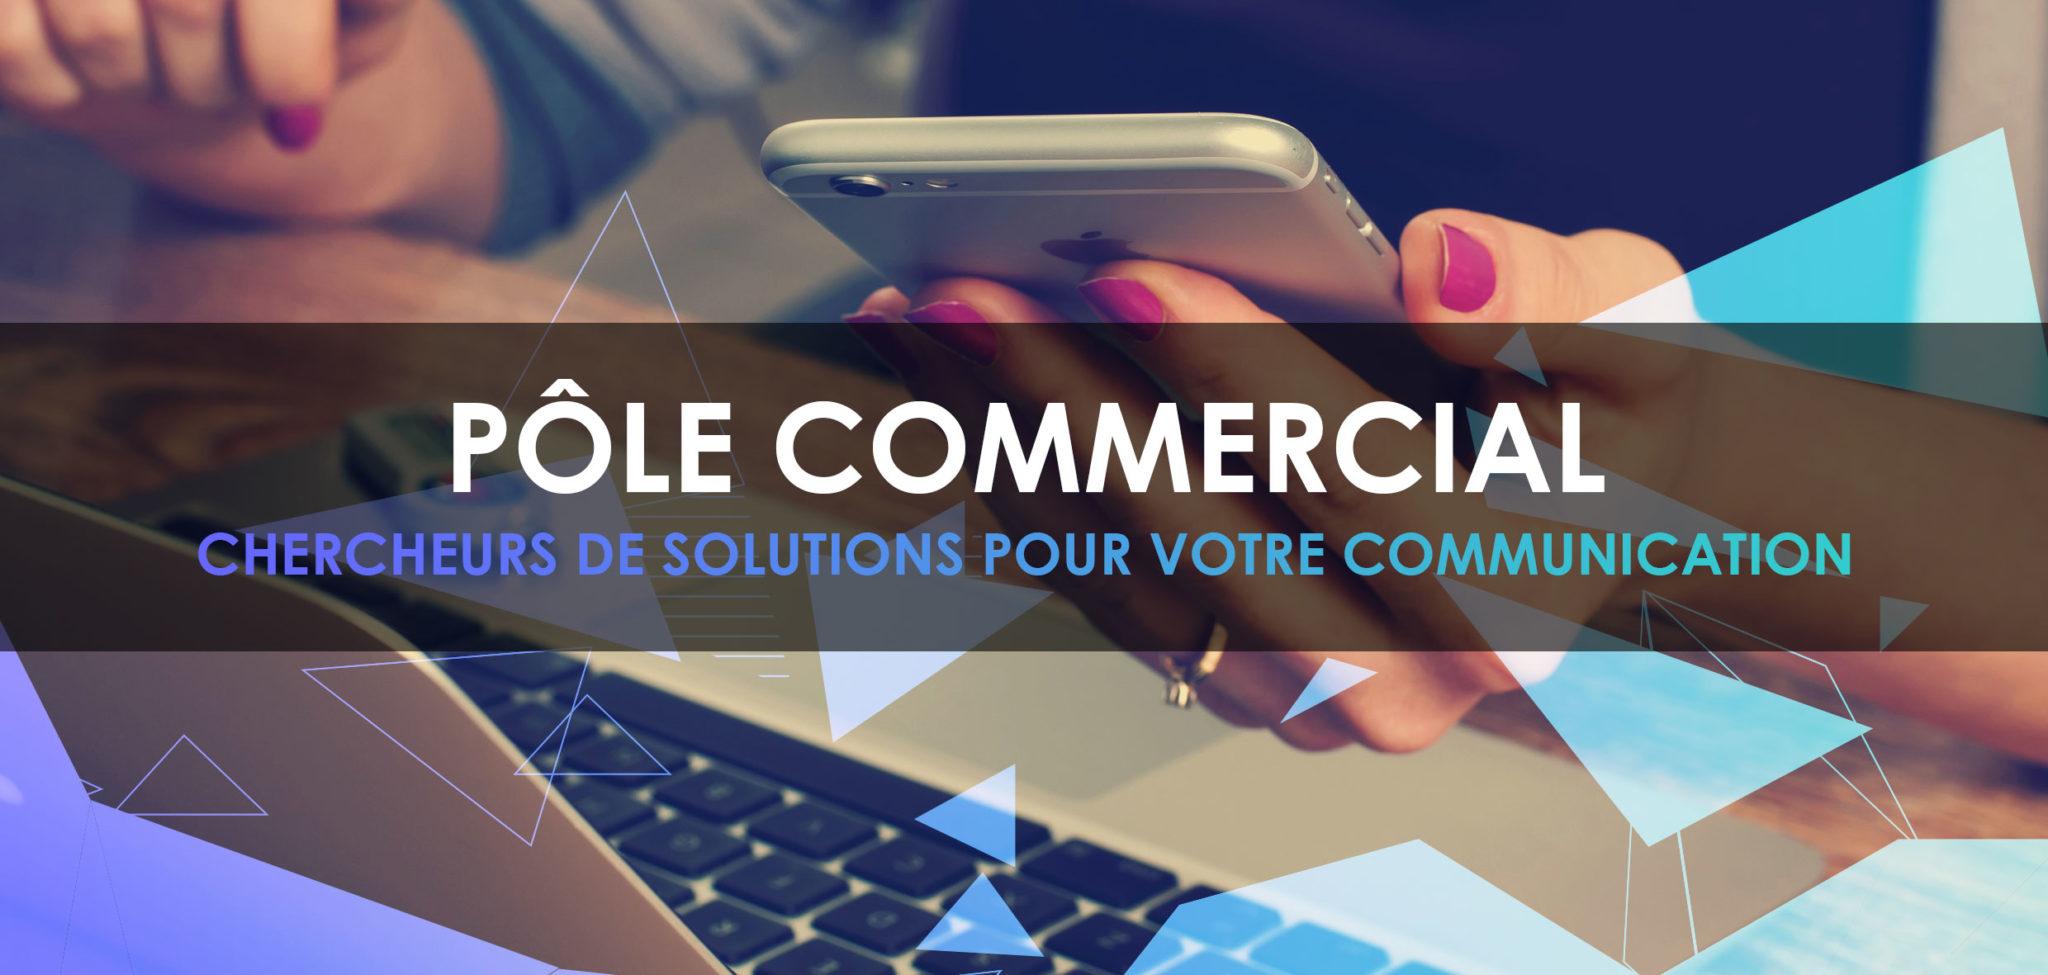 Image Pôle commercial Techni Print 82